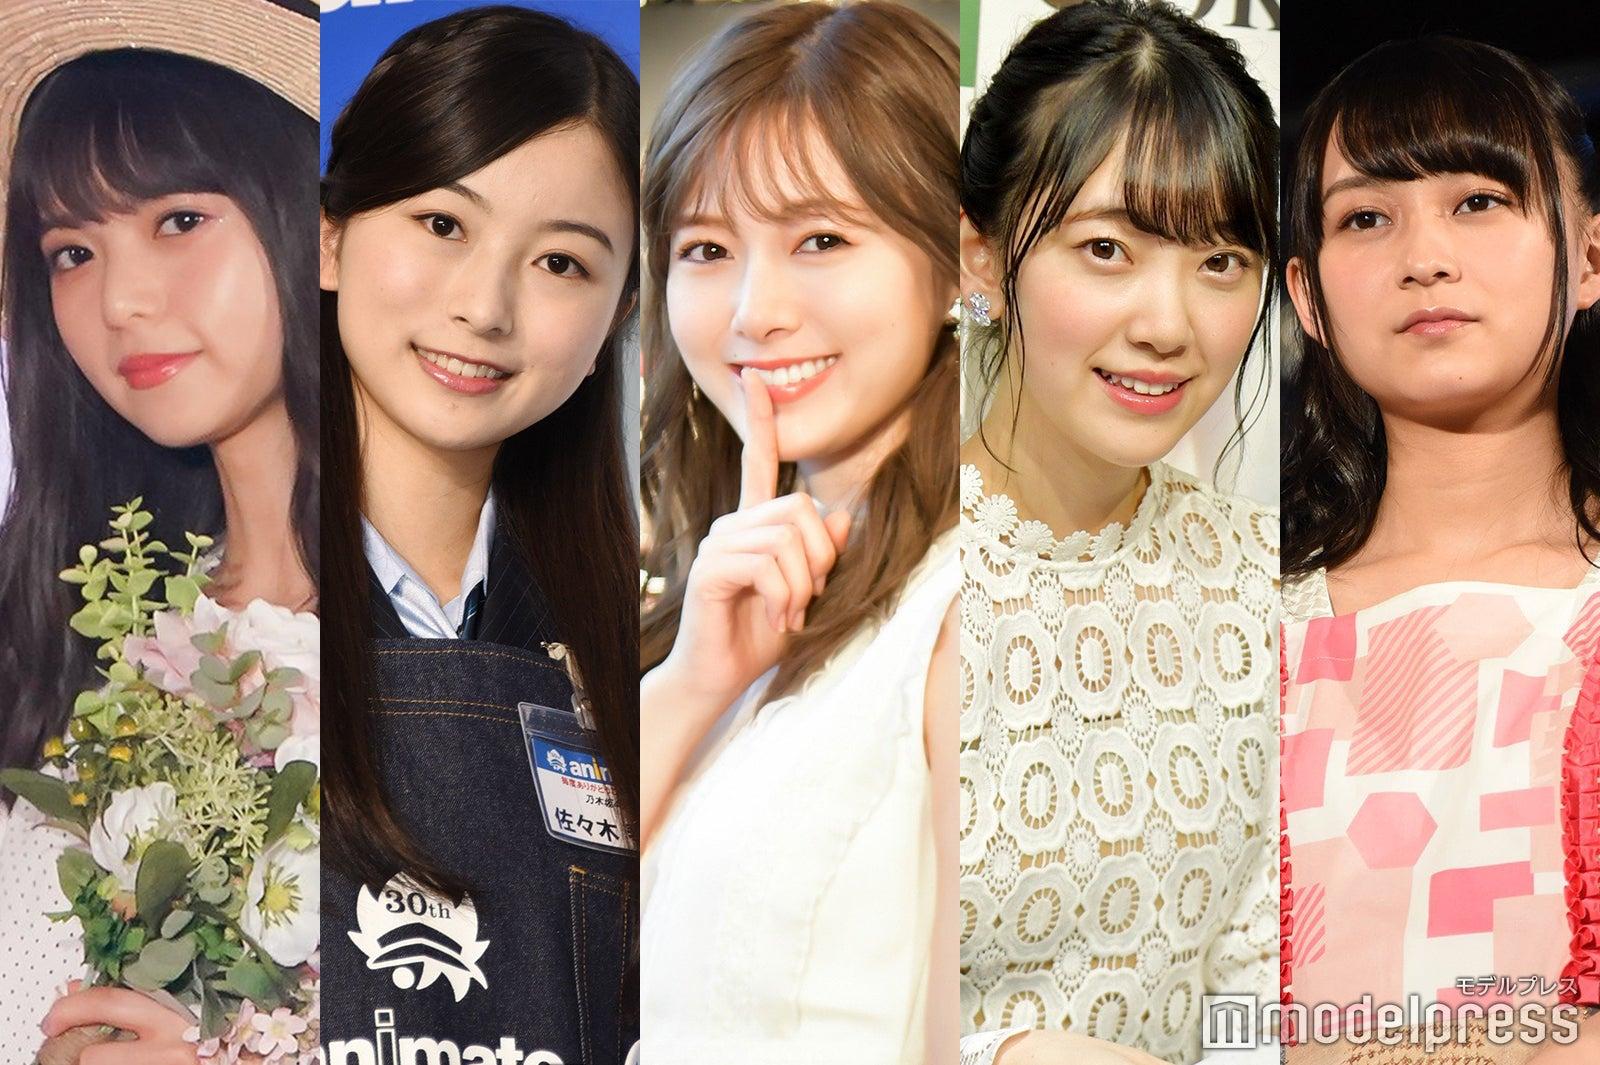 「女性アイドル顔だけ総選挙2018」結果発表  [719338346]->画像>53枚